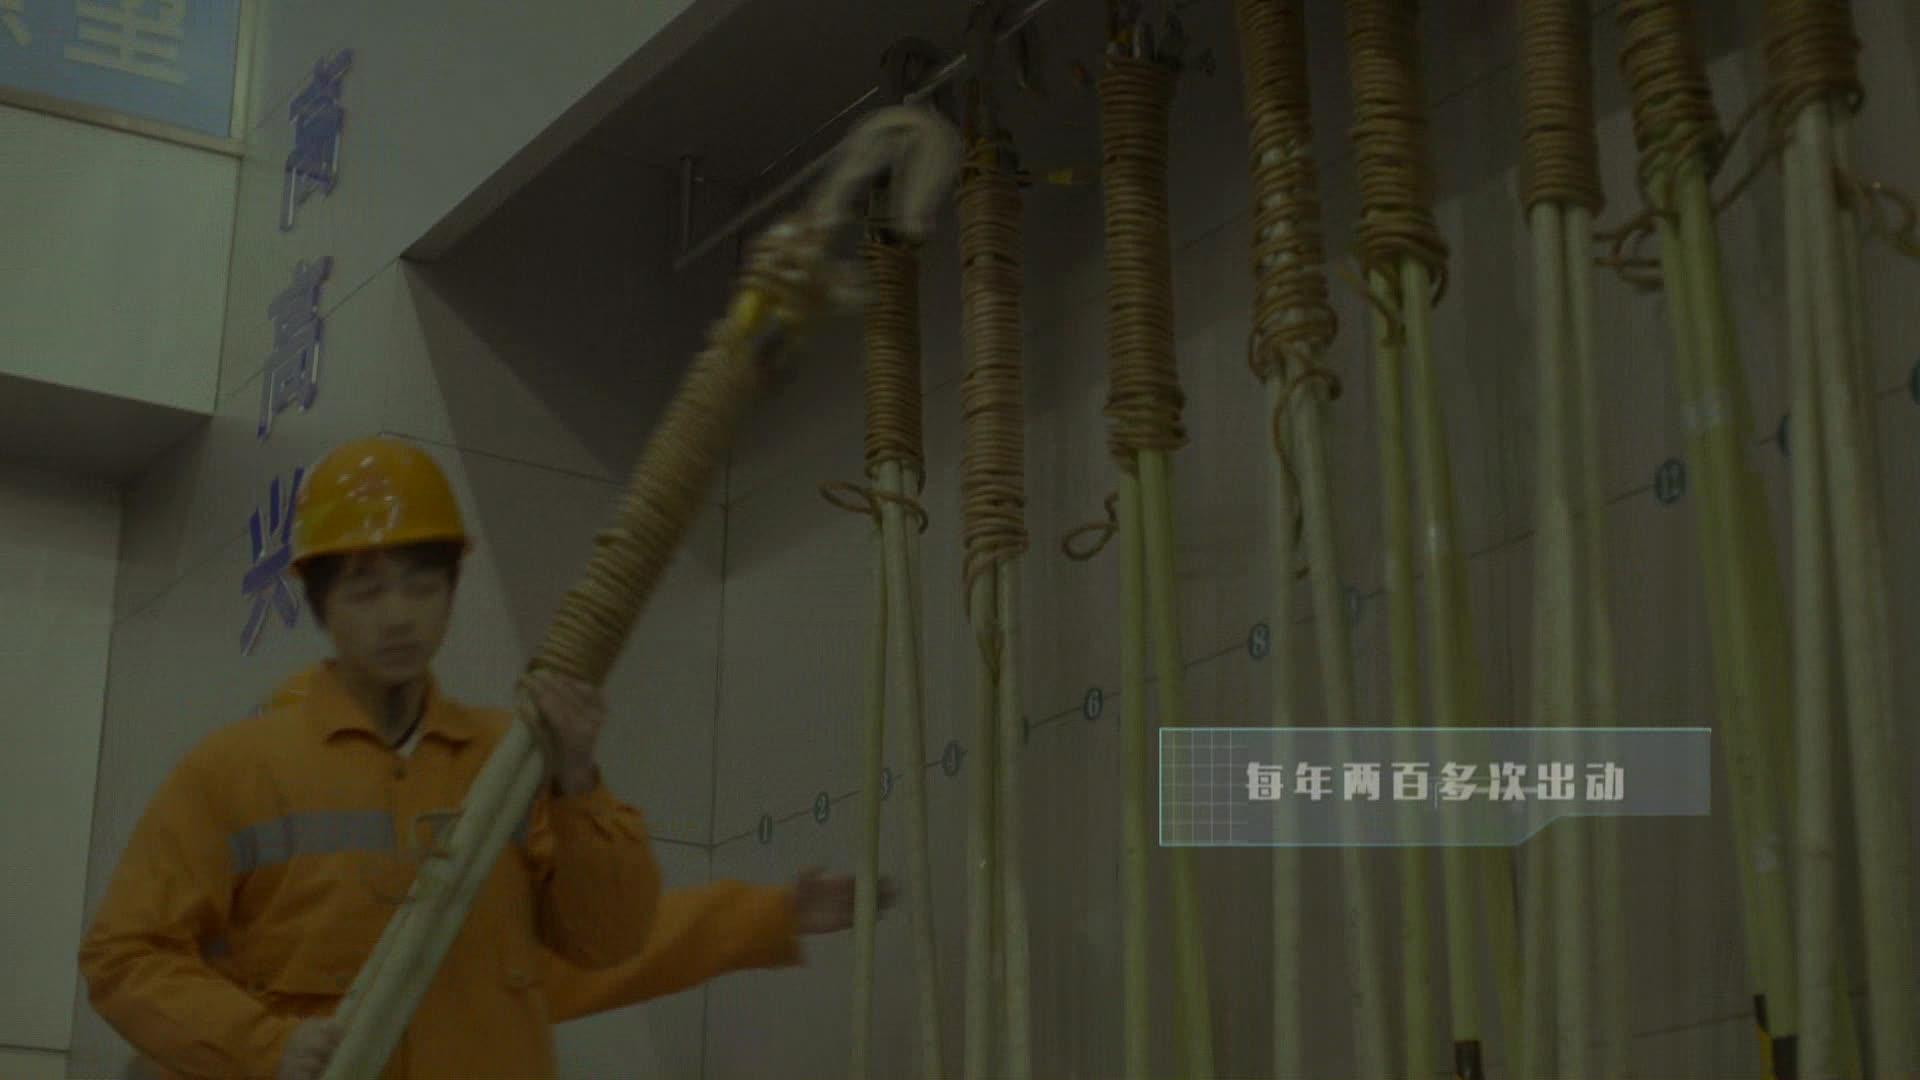 刘文慧,从普速铁路的接触网工到高铁接触网工区工长